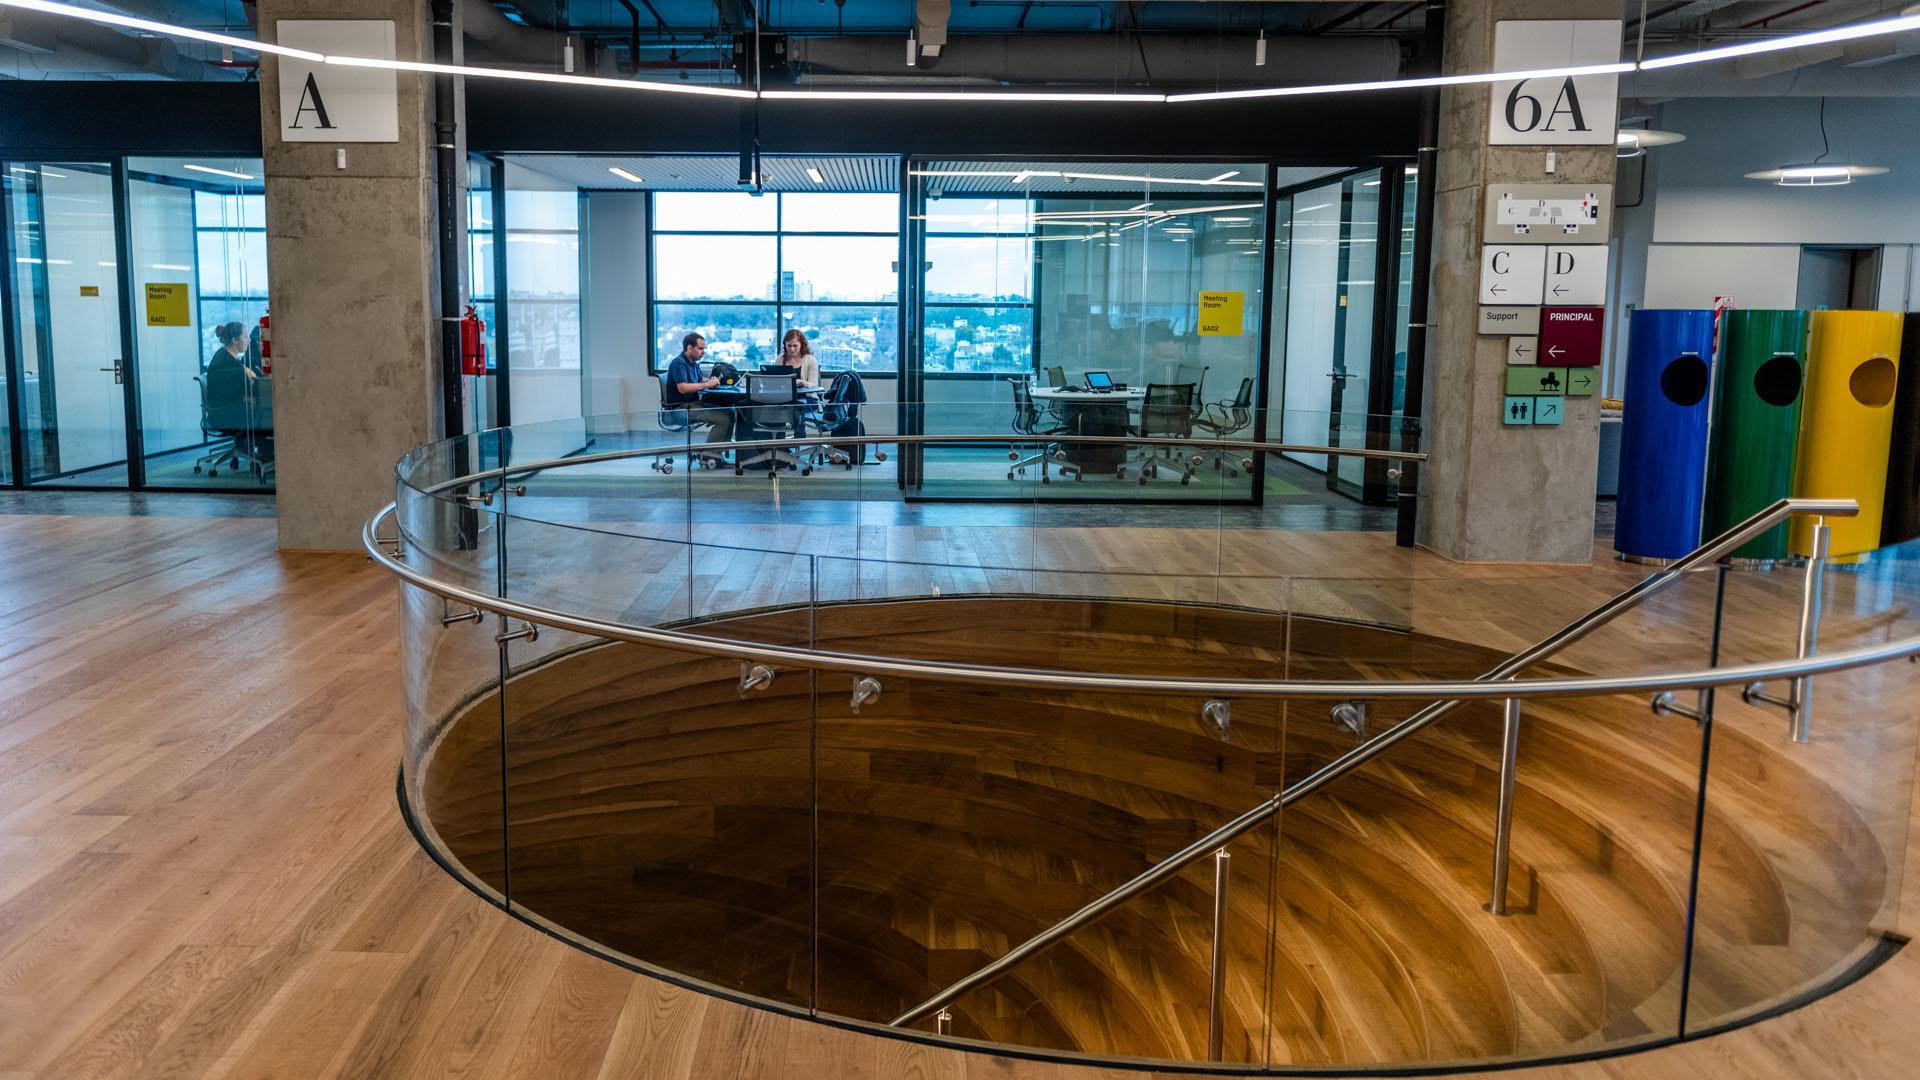 El equipamiento elegido para las nuevas instalaciones es flexible y se adapta a diferentes necesidades para promover el trabajo en equipo de la empresa